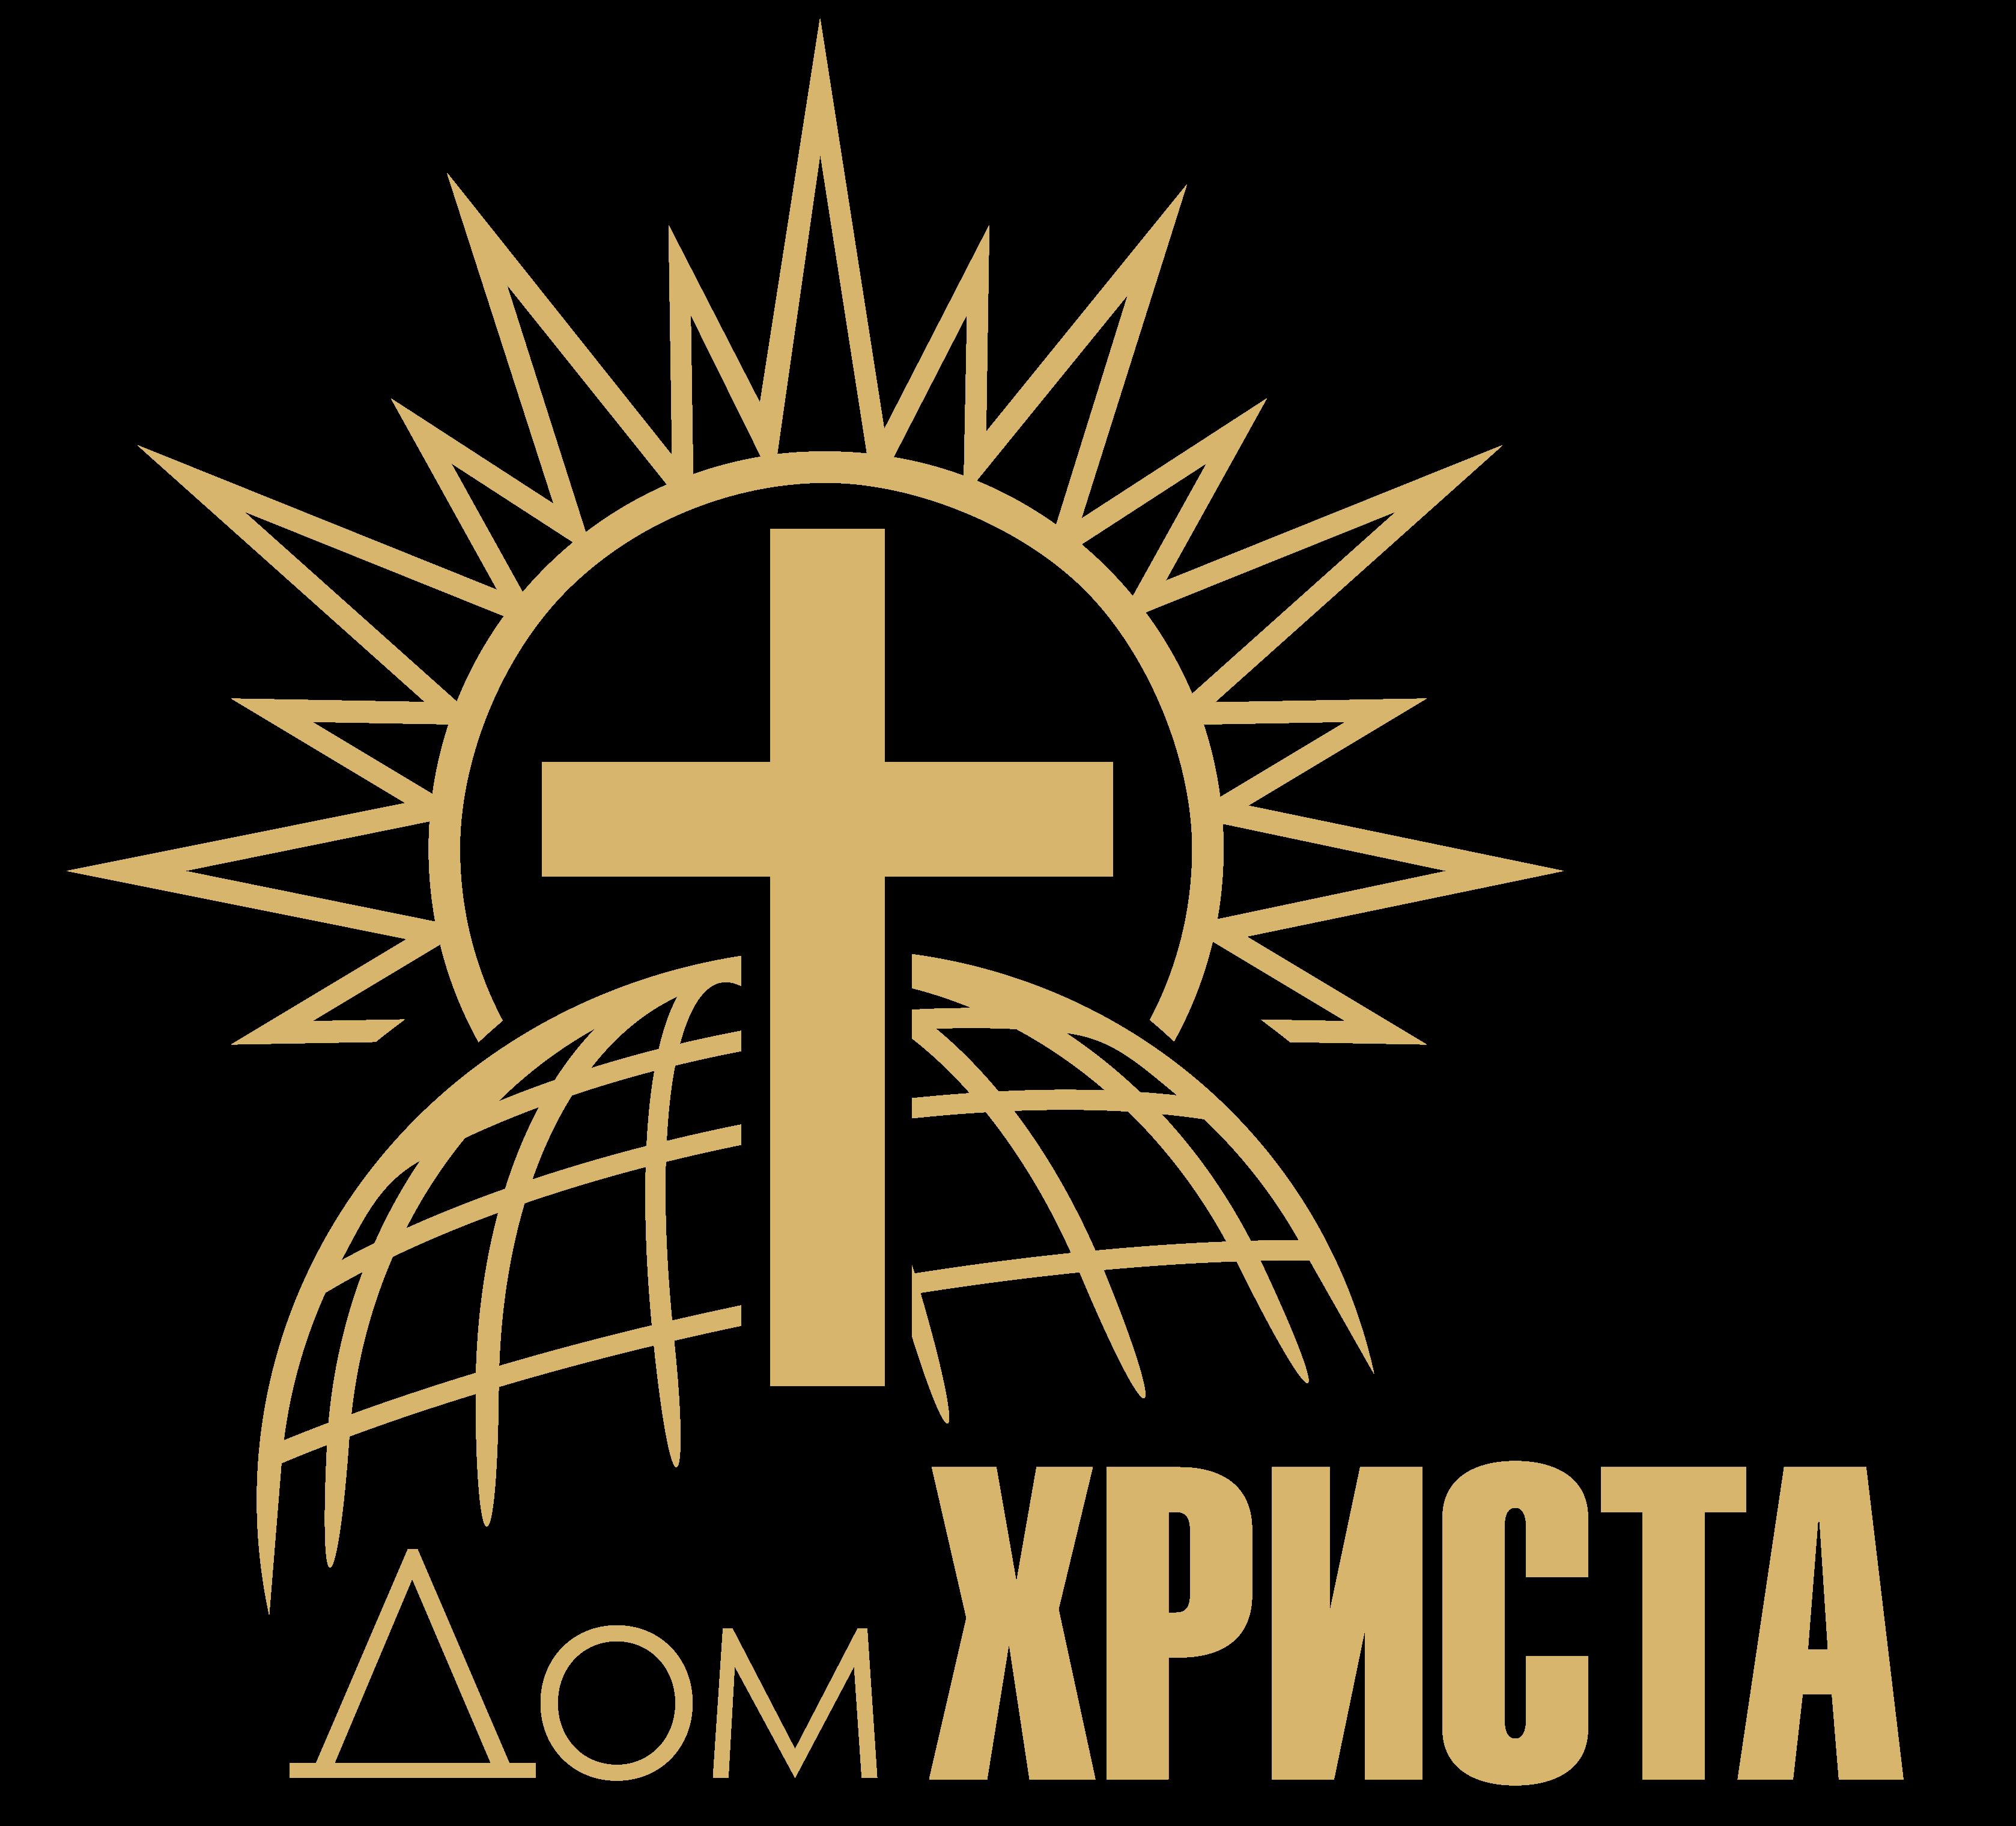 Христианская церковь Дом Христа